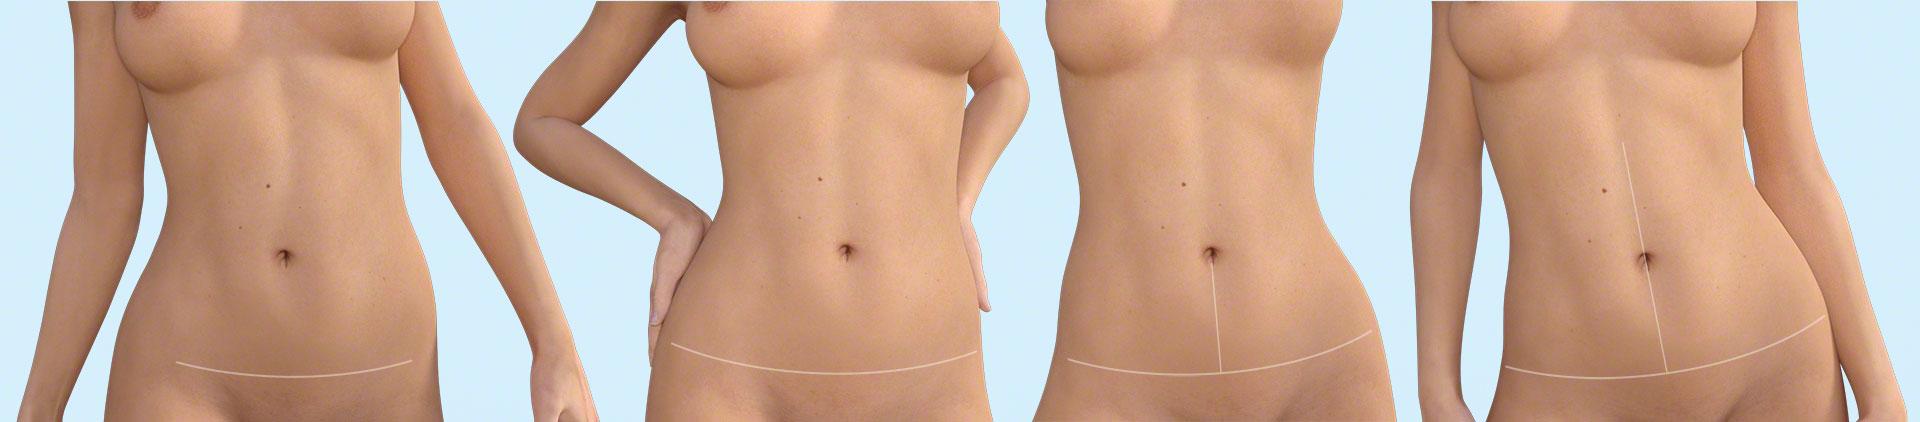 Minden, amit a hasplasztikáról tudni kell - dr. Pataki Gergely plasztikai sebész